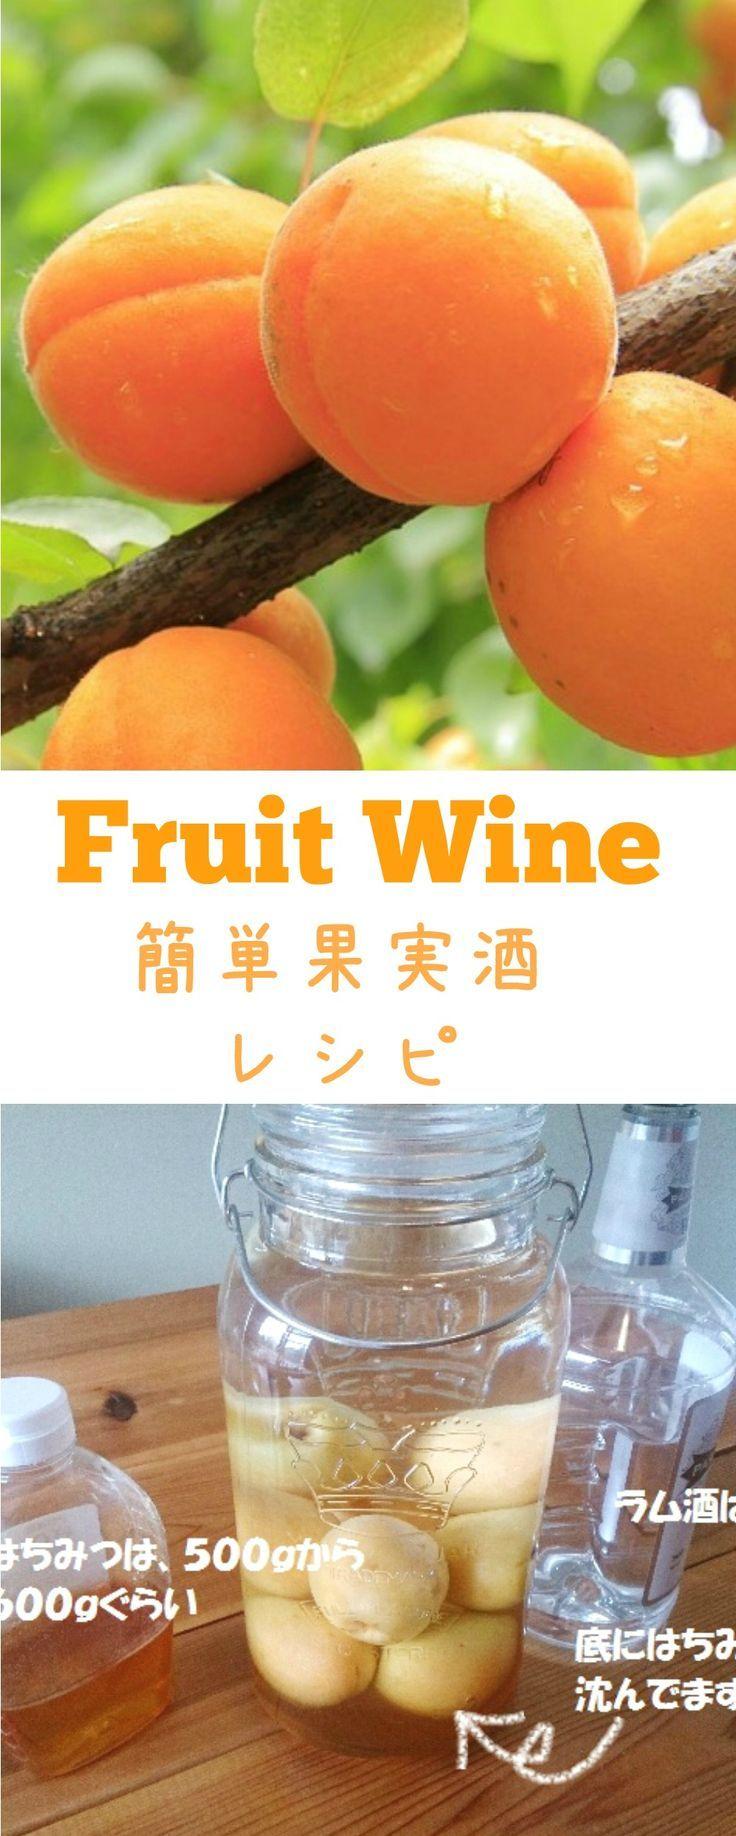 アプリコット酒レシピ。アメリカで作る簡単果実酒レシピです。他にも、桃とチェリーもつけました。#アメリカ #果実酒 Fruit Wine Recipe